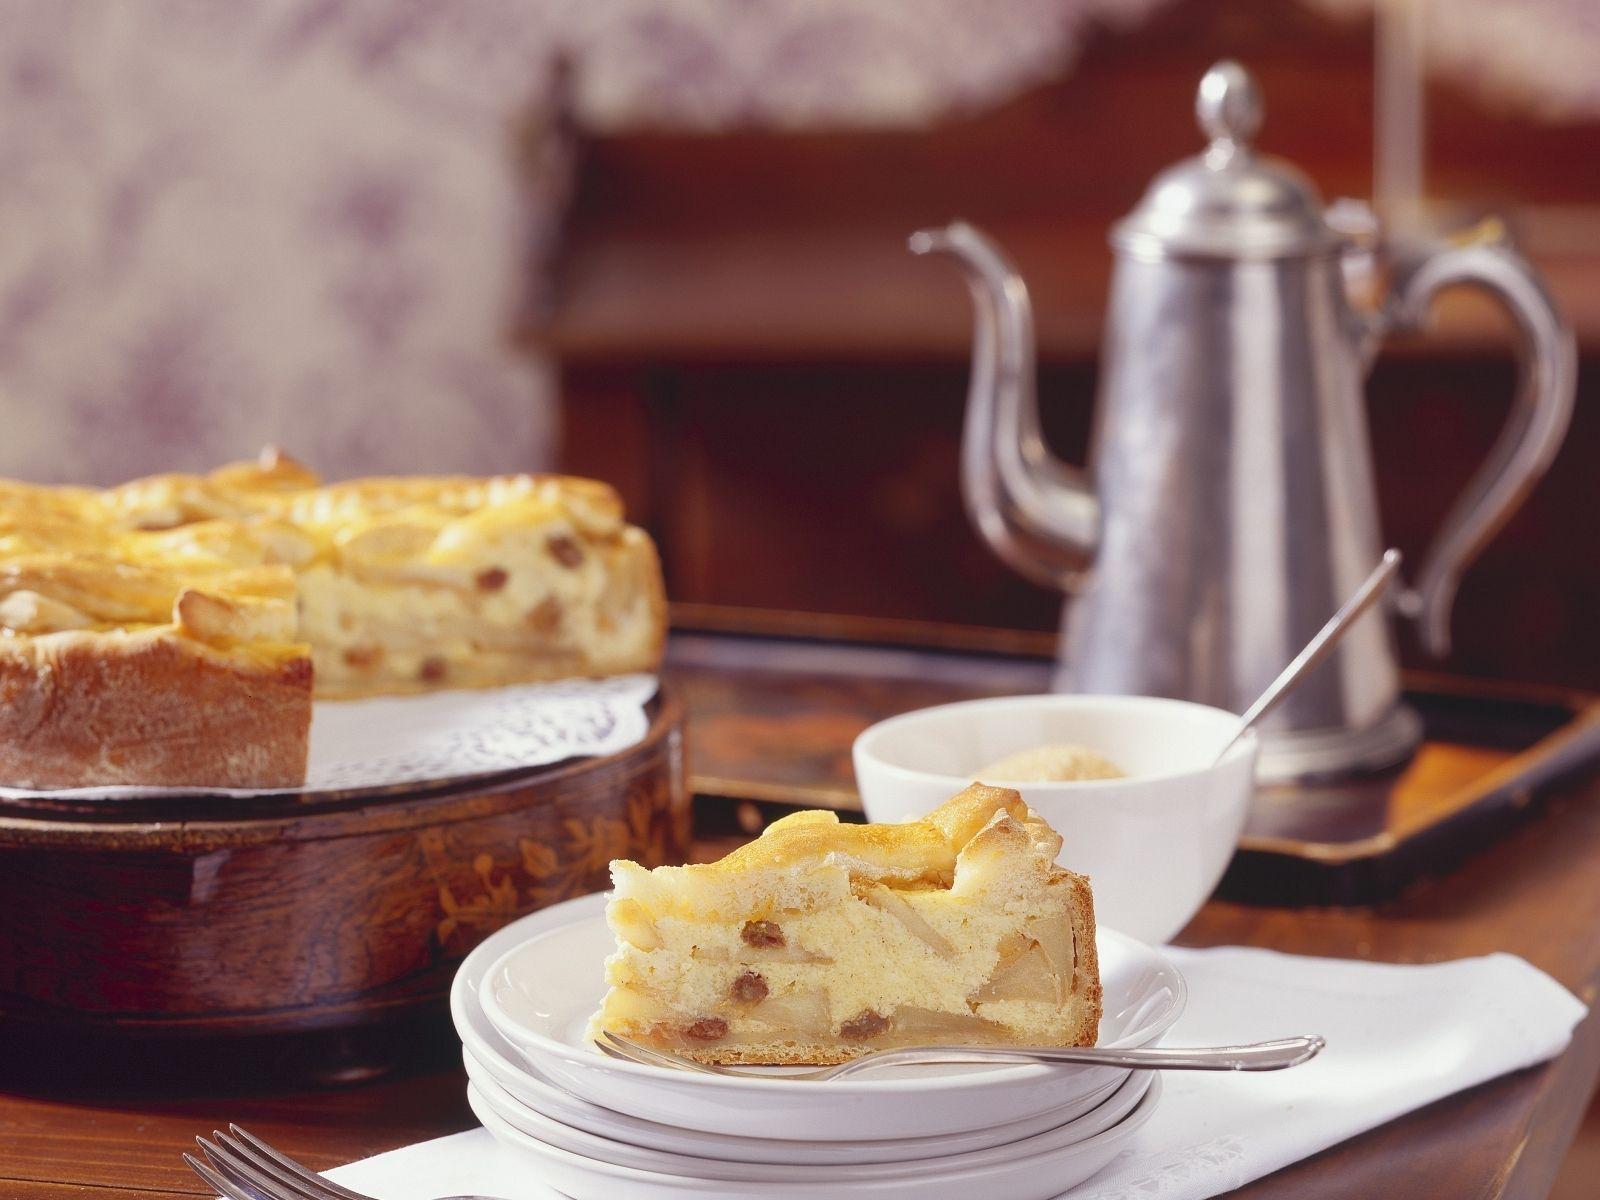 Grieß Apfel Kuchen mit Sultaninen Rezept